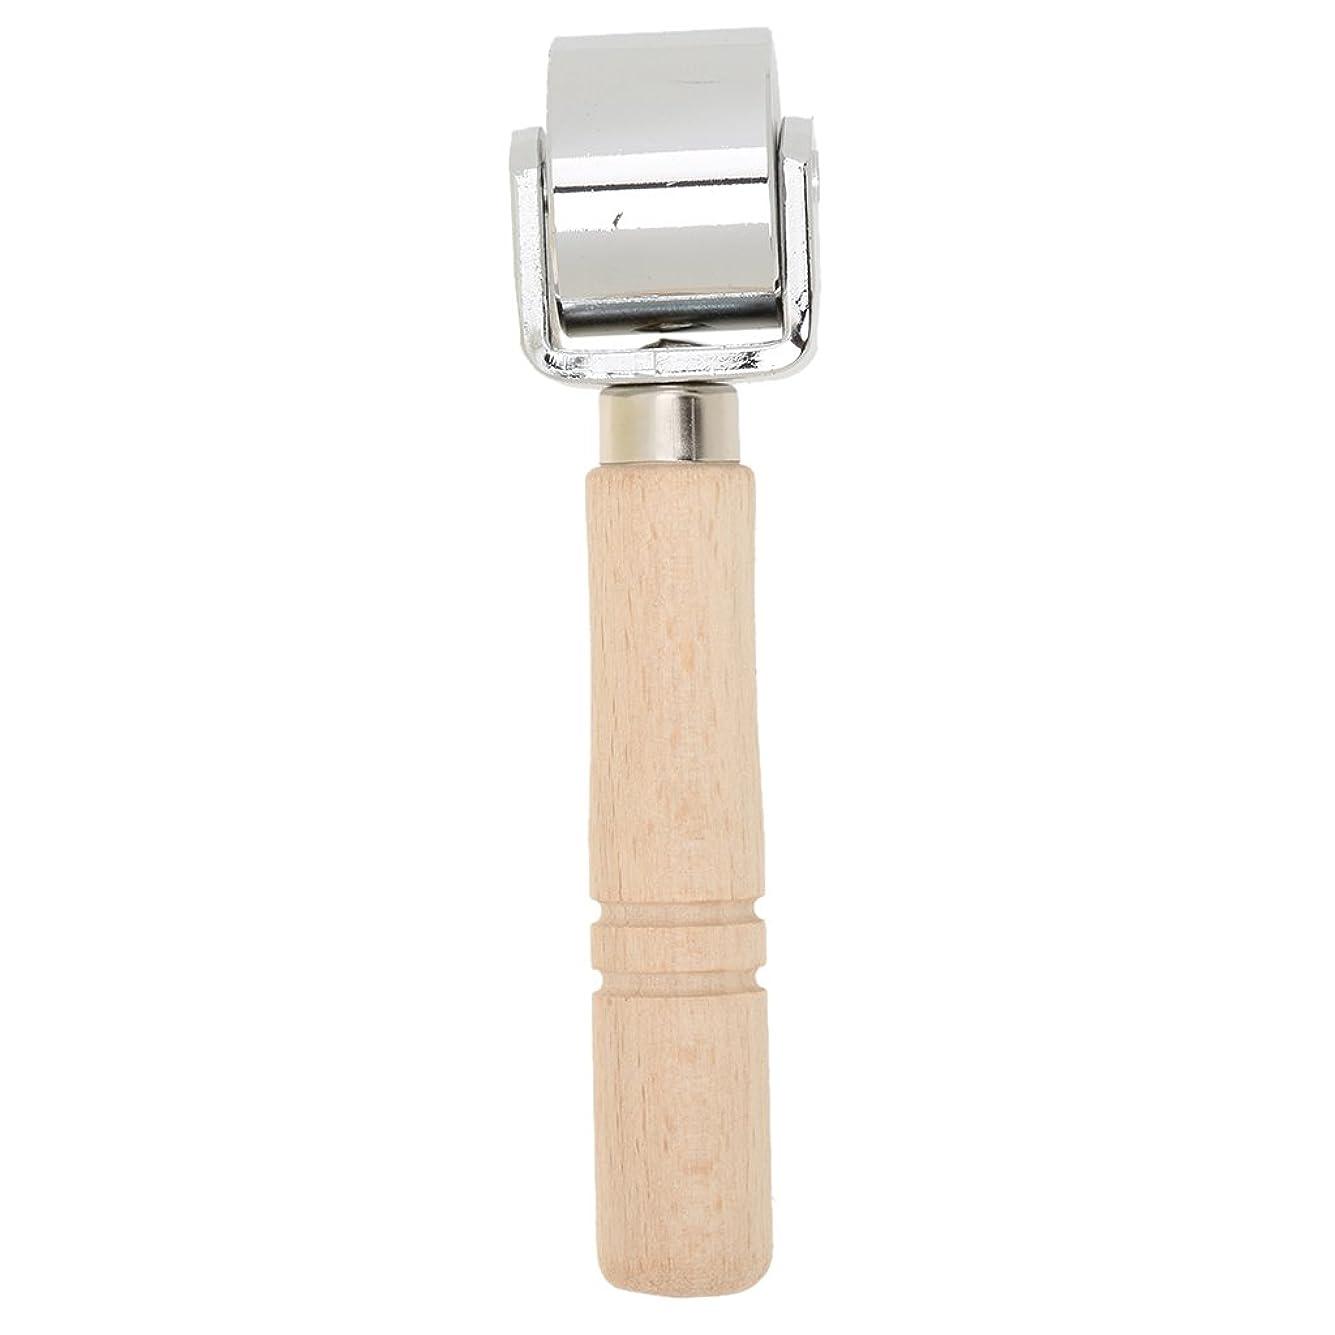 一掃する歌手標高sharprepublic ローラー 革工具 レザークラフト ステンレス鋼 木材革工芸 折り目プレスツール 全3サイズ - S